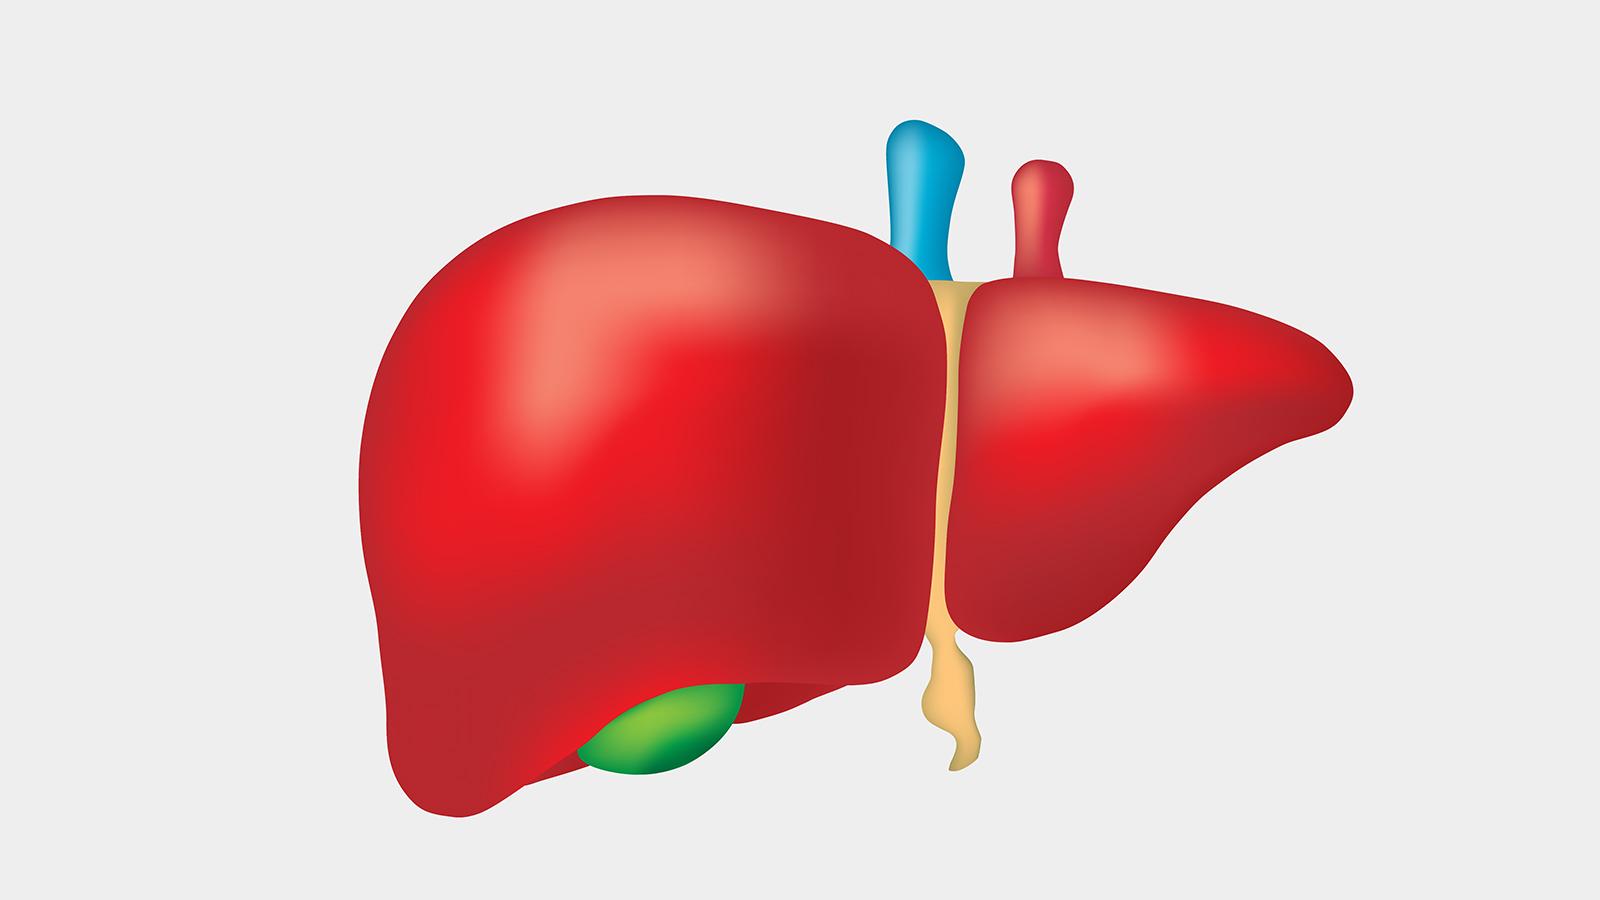 أمل جديد بالقضاء على التهاب الكبد بي و سي بحلول 2030